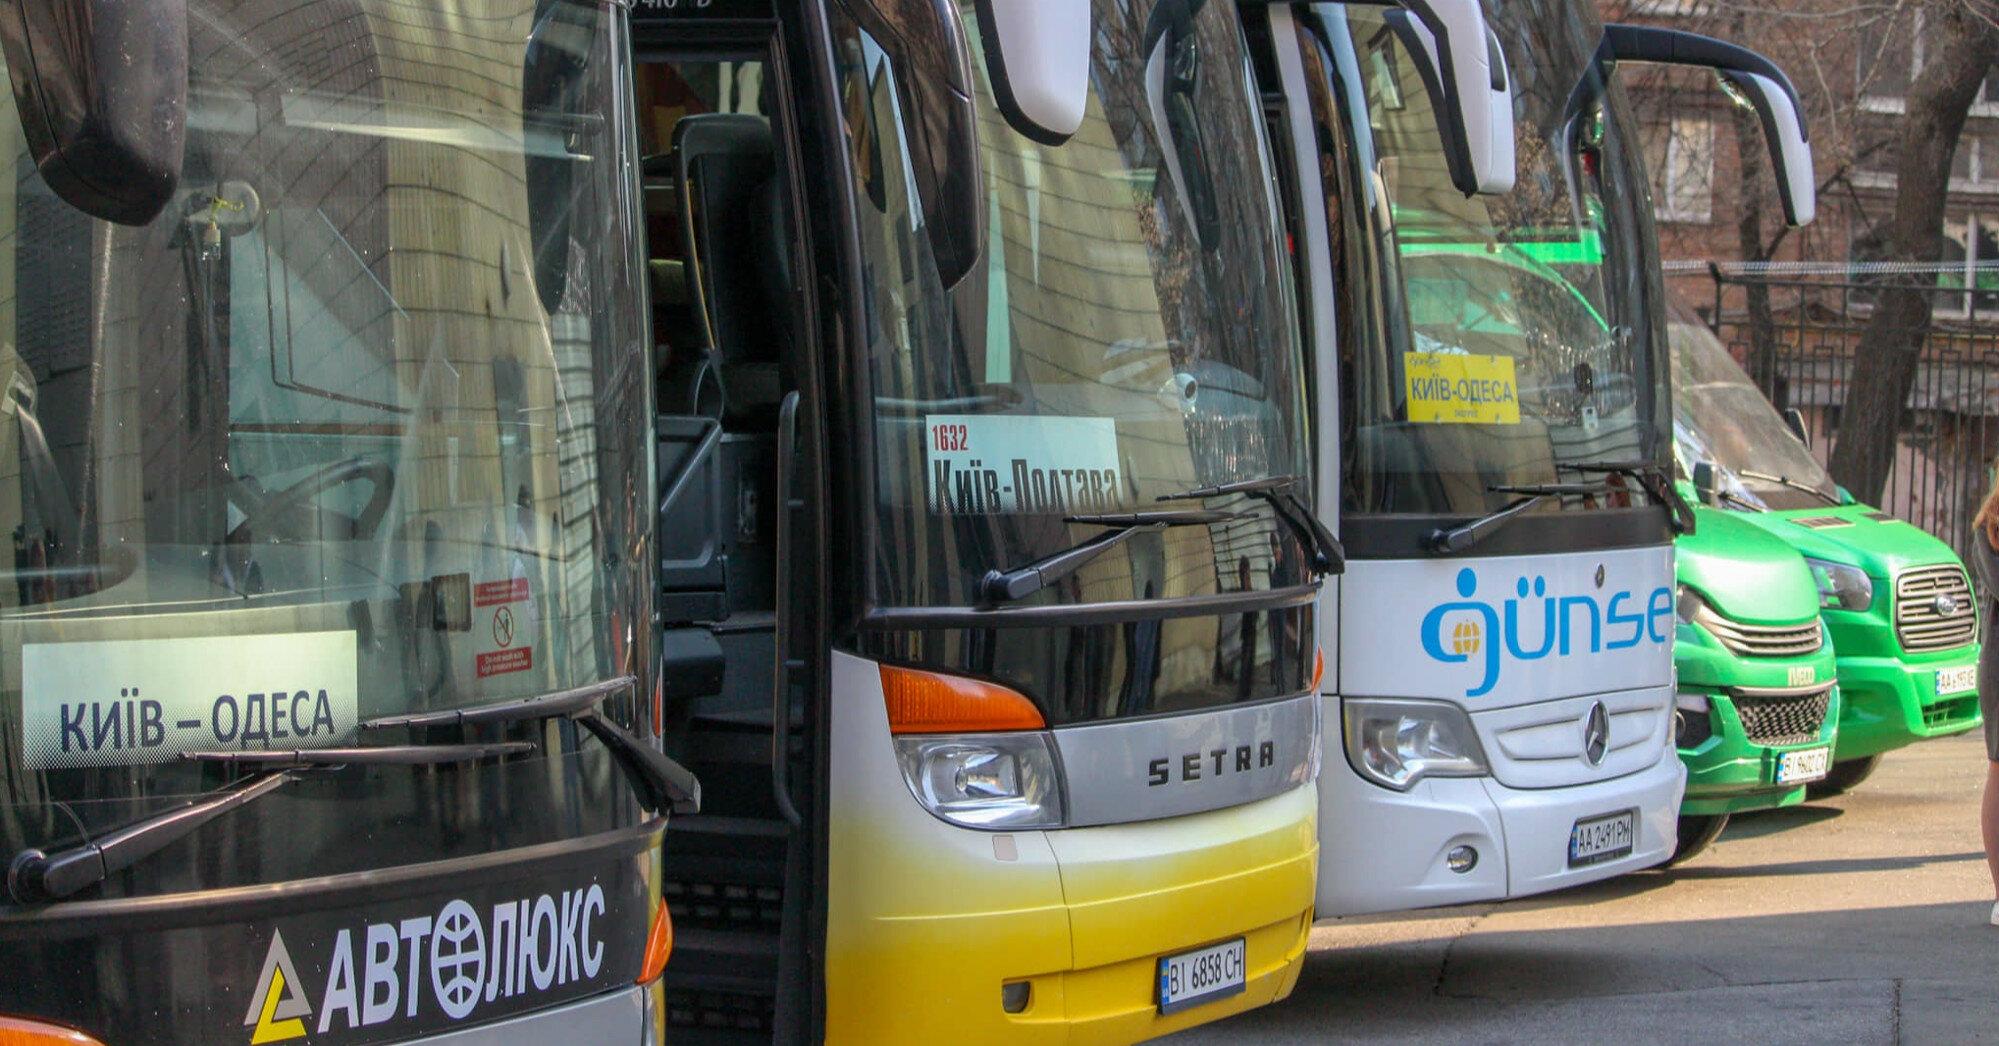 Власти Украины ввели новые правила пассажирских перевозок во время карантина: что нужно знать - фото №1